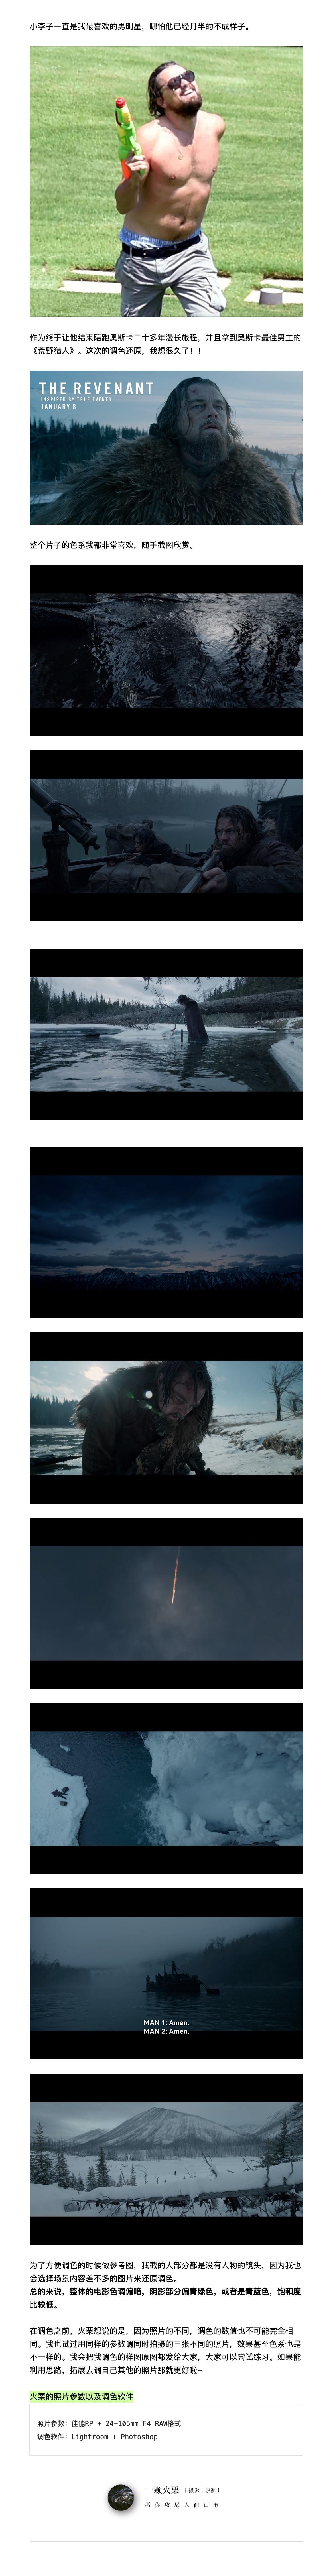 《荒野猎人》电影调色还原作者@一颗火栗